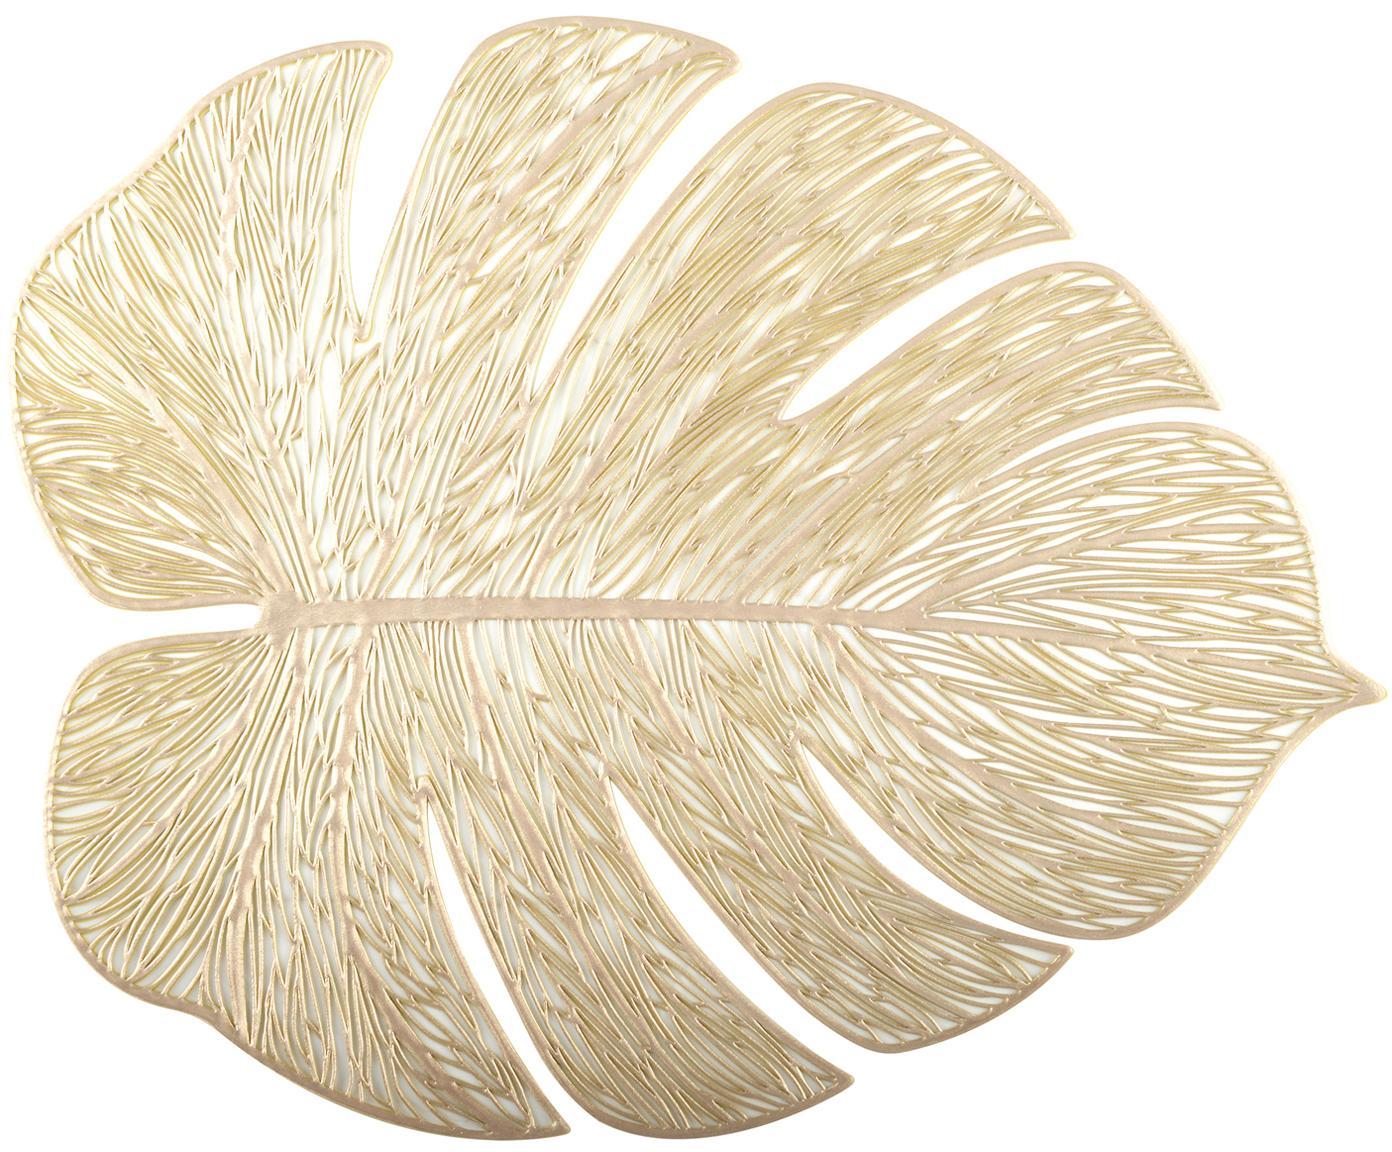 Podkładka Leaf, 2 szt., Tworzywo sztuczne, Odcienie złotego, S 33 x D 40 cm